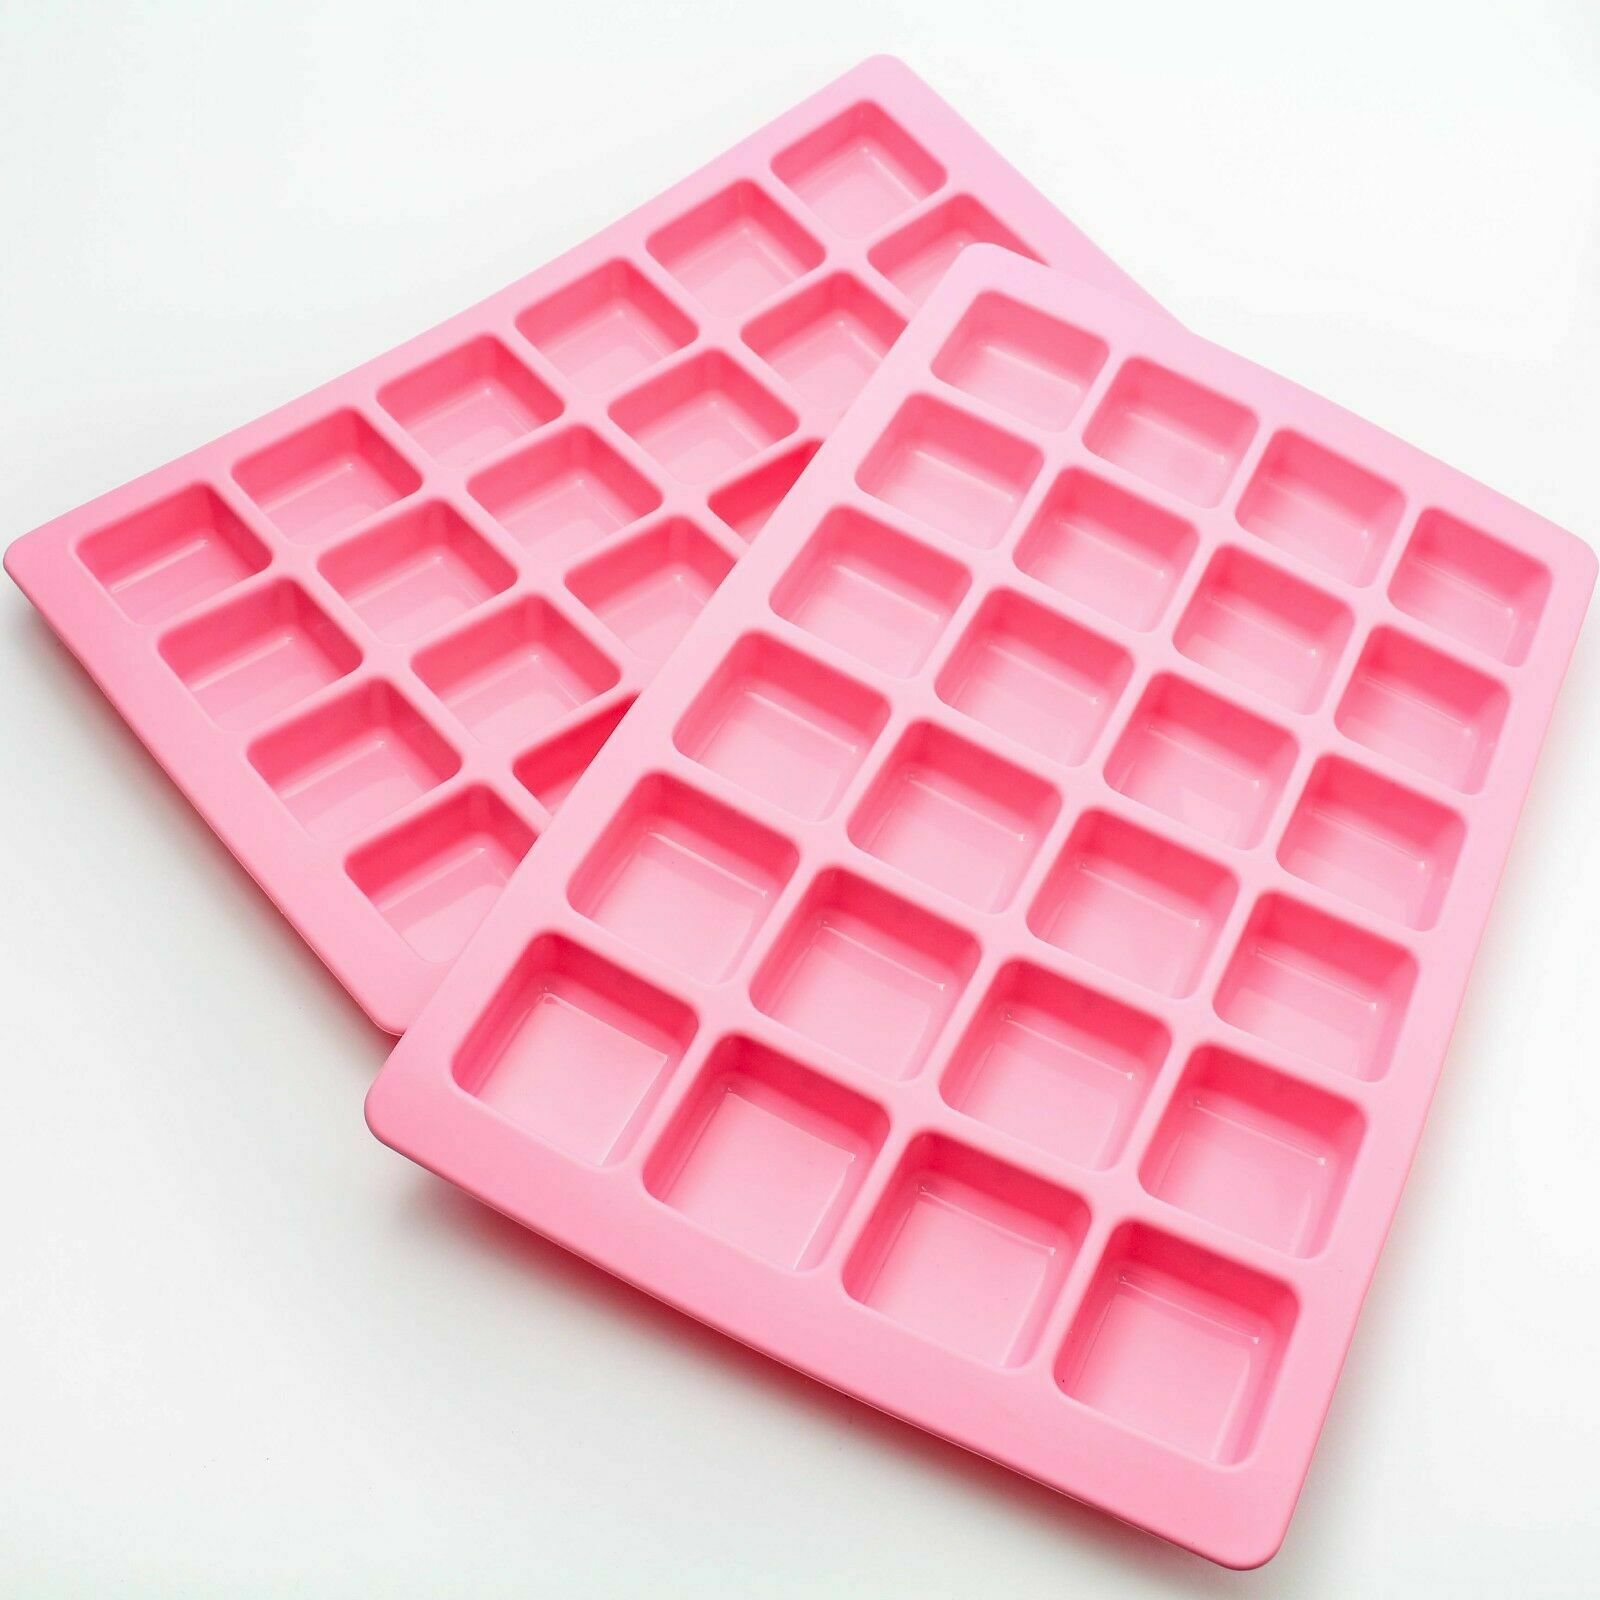 Silikon Backform für 24 Minikuchen / Minitörtchen Muffinform Eis Kuchen Backen